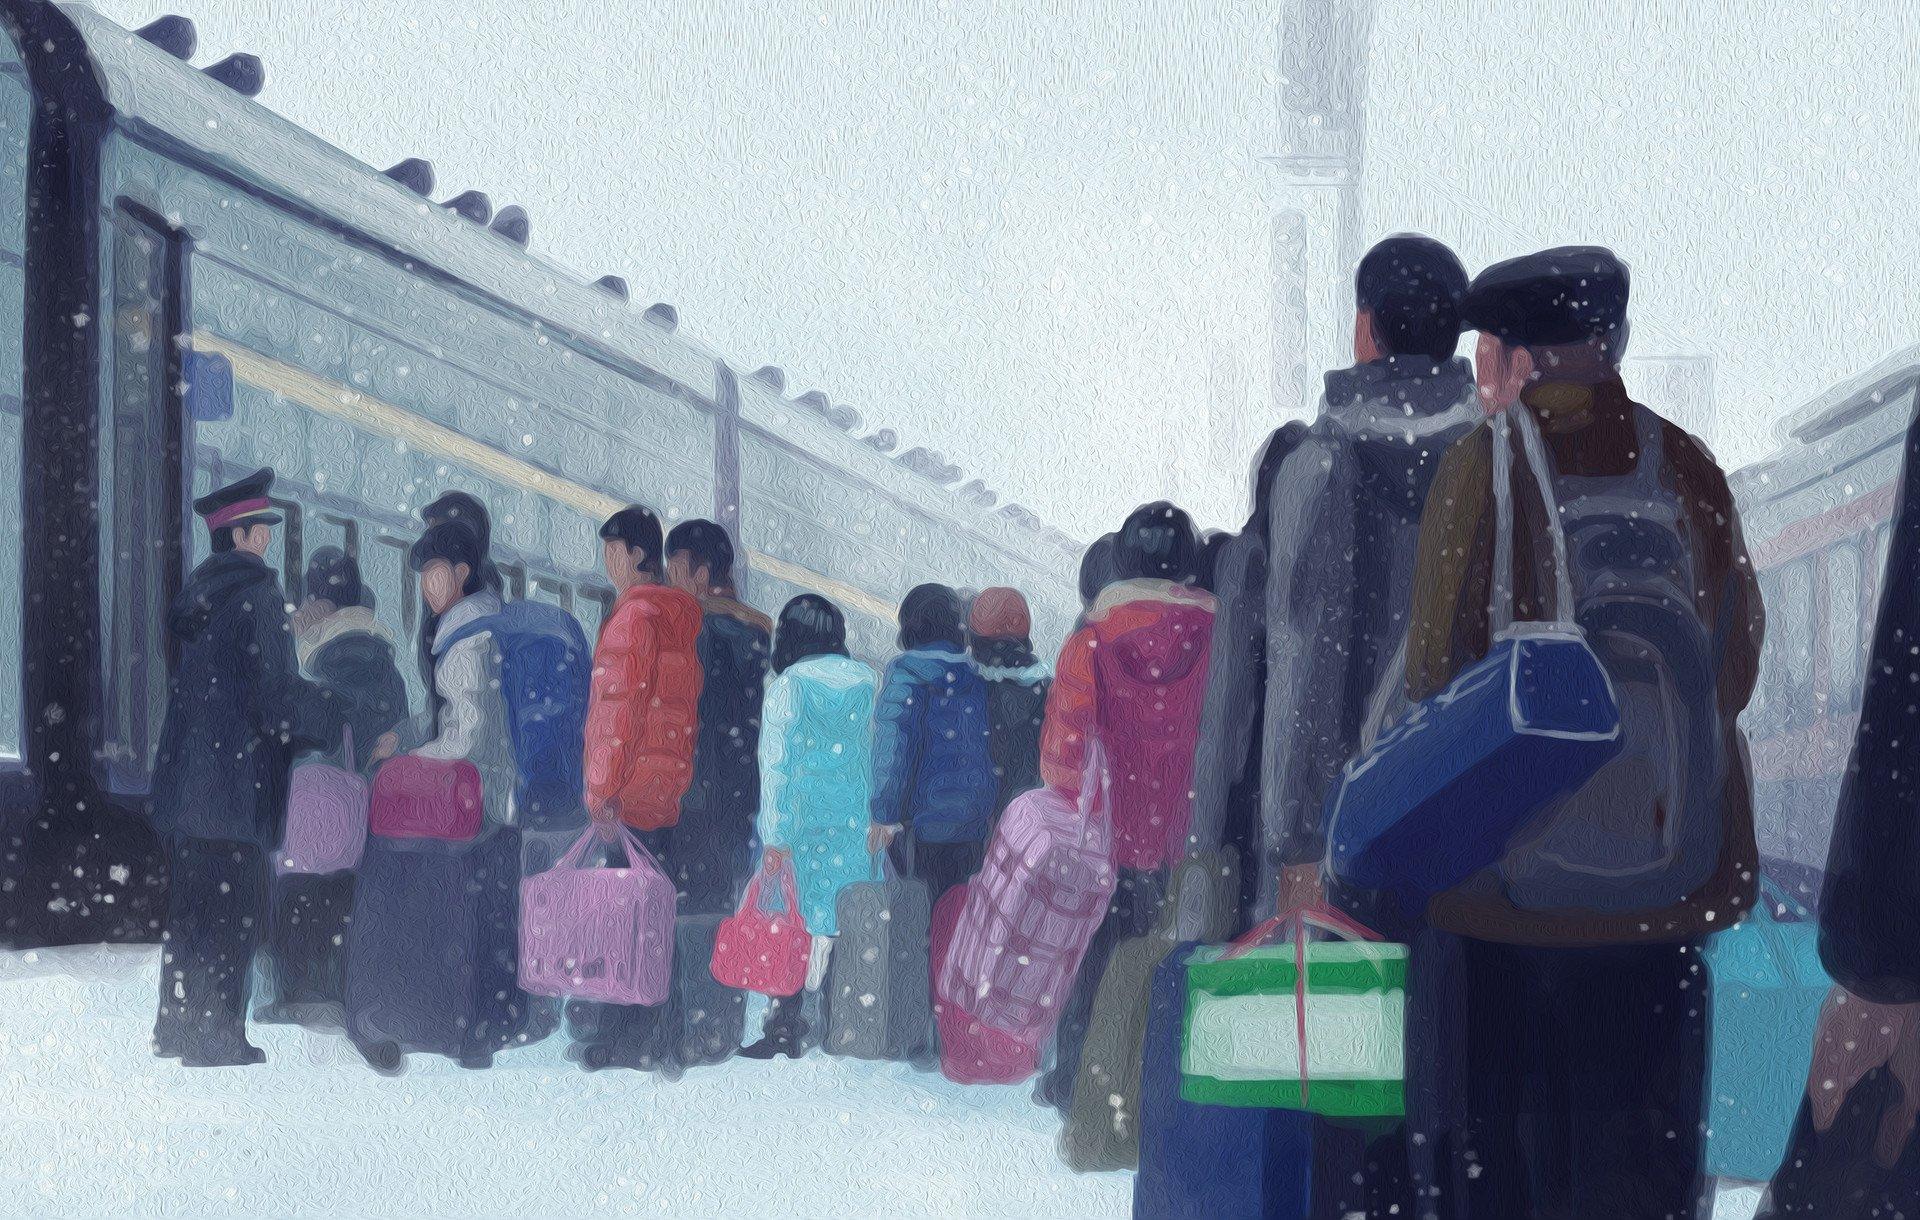 春节回顾调研: 返乡的券商首席们看到了什么?